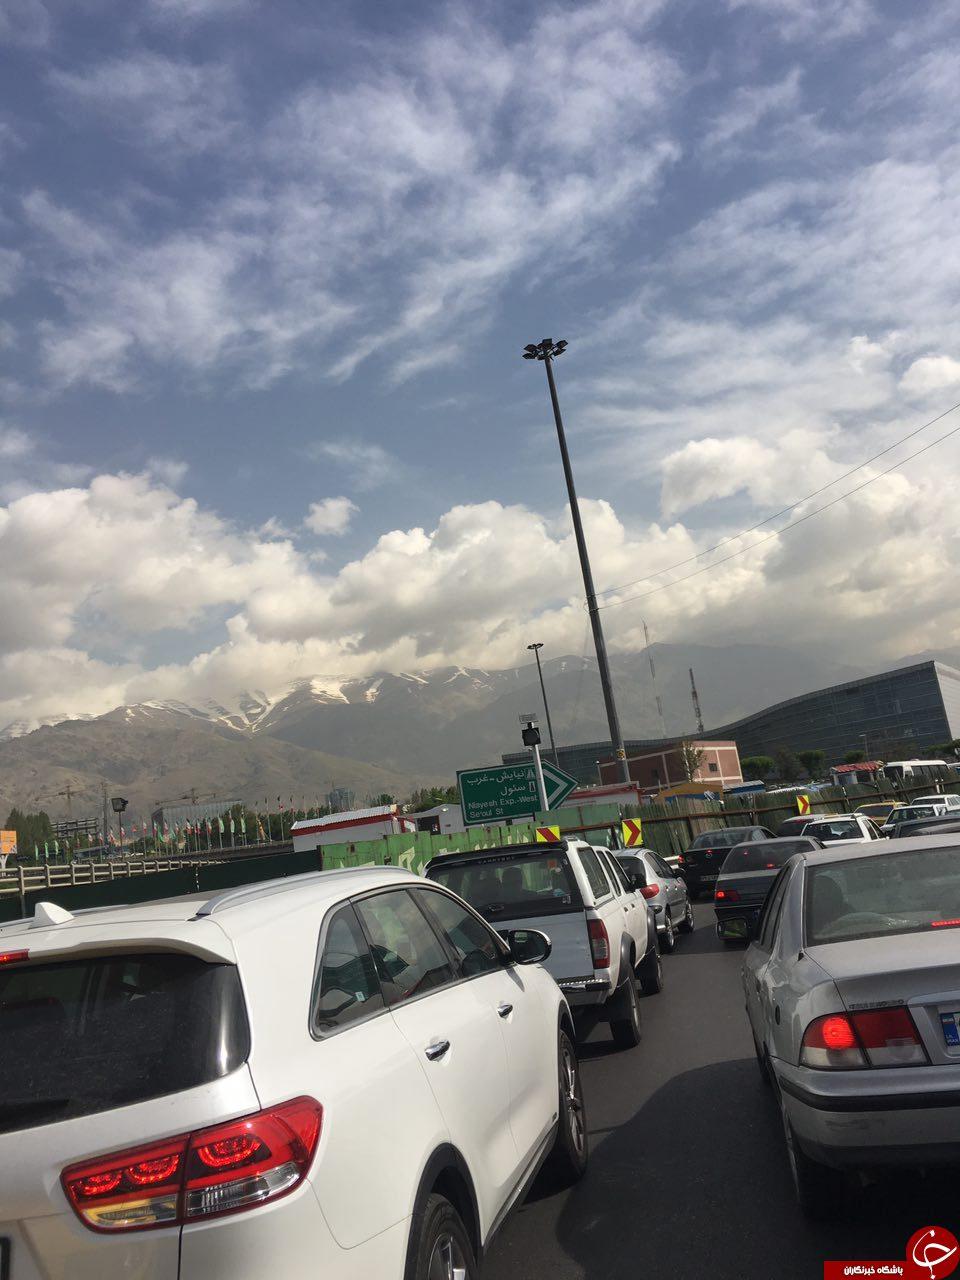 وزیر ورزش با تاخیر آمد/ حضور توامان افشارزاده و طاهری